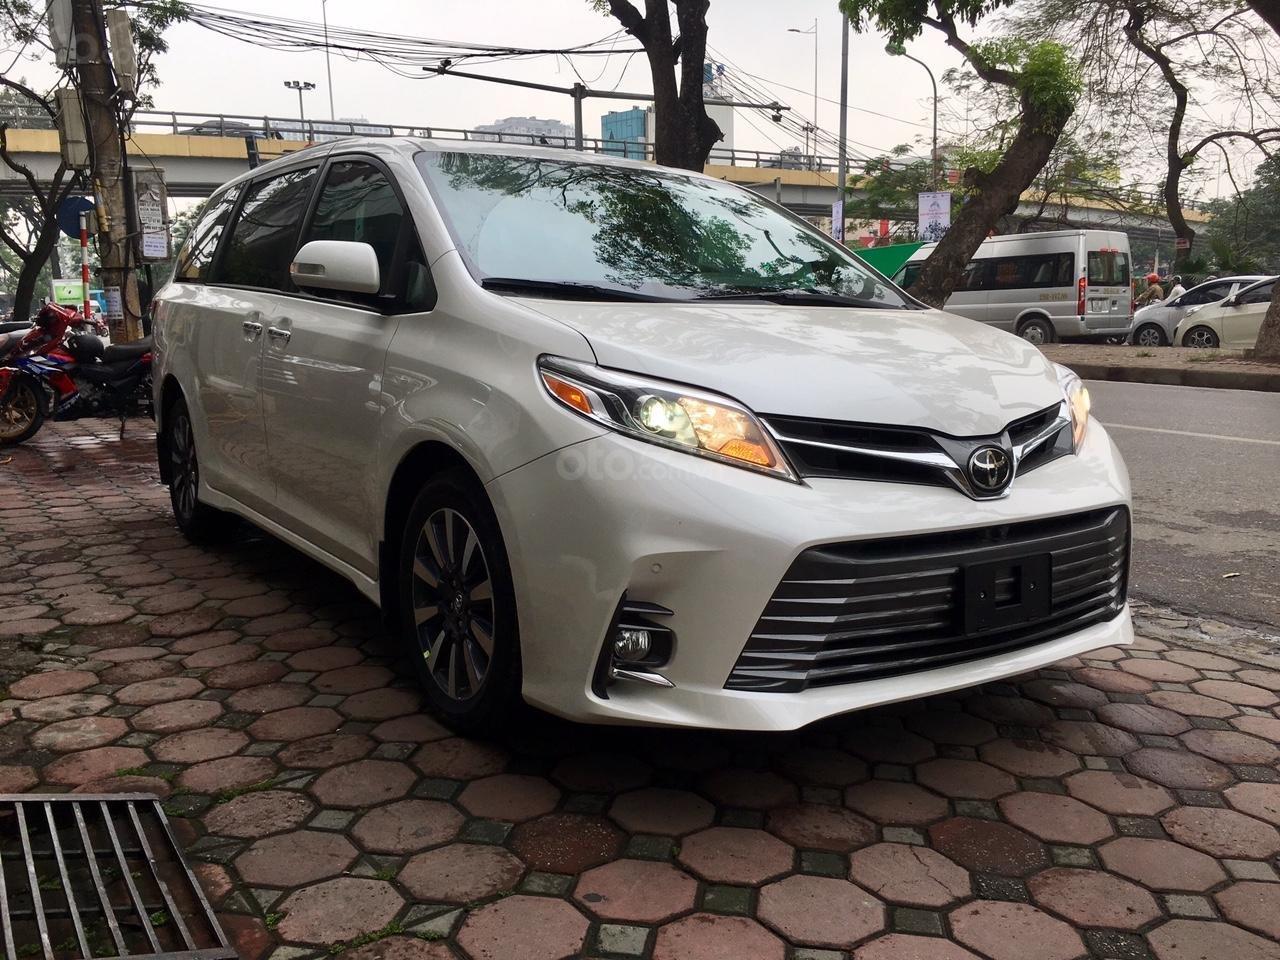 Bán Toyota Sienna Limited 1 cầu model 2020 giao ngay toàn quốc, giá tốt - LH 093.996.2368 Ms Ngọc Vy (2)